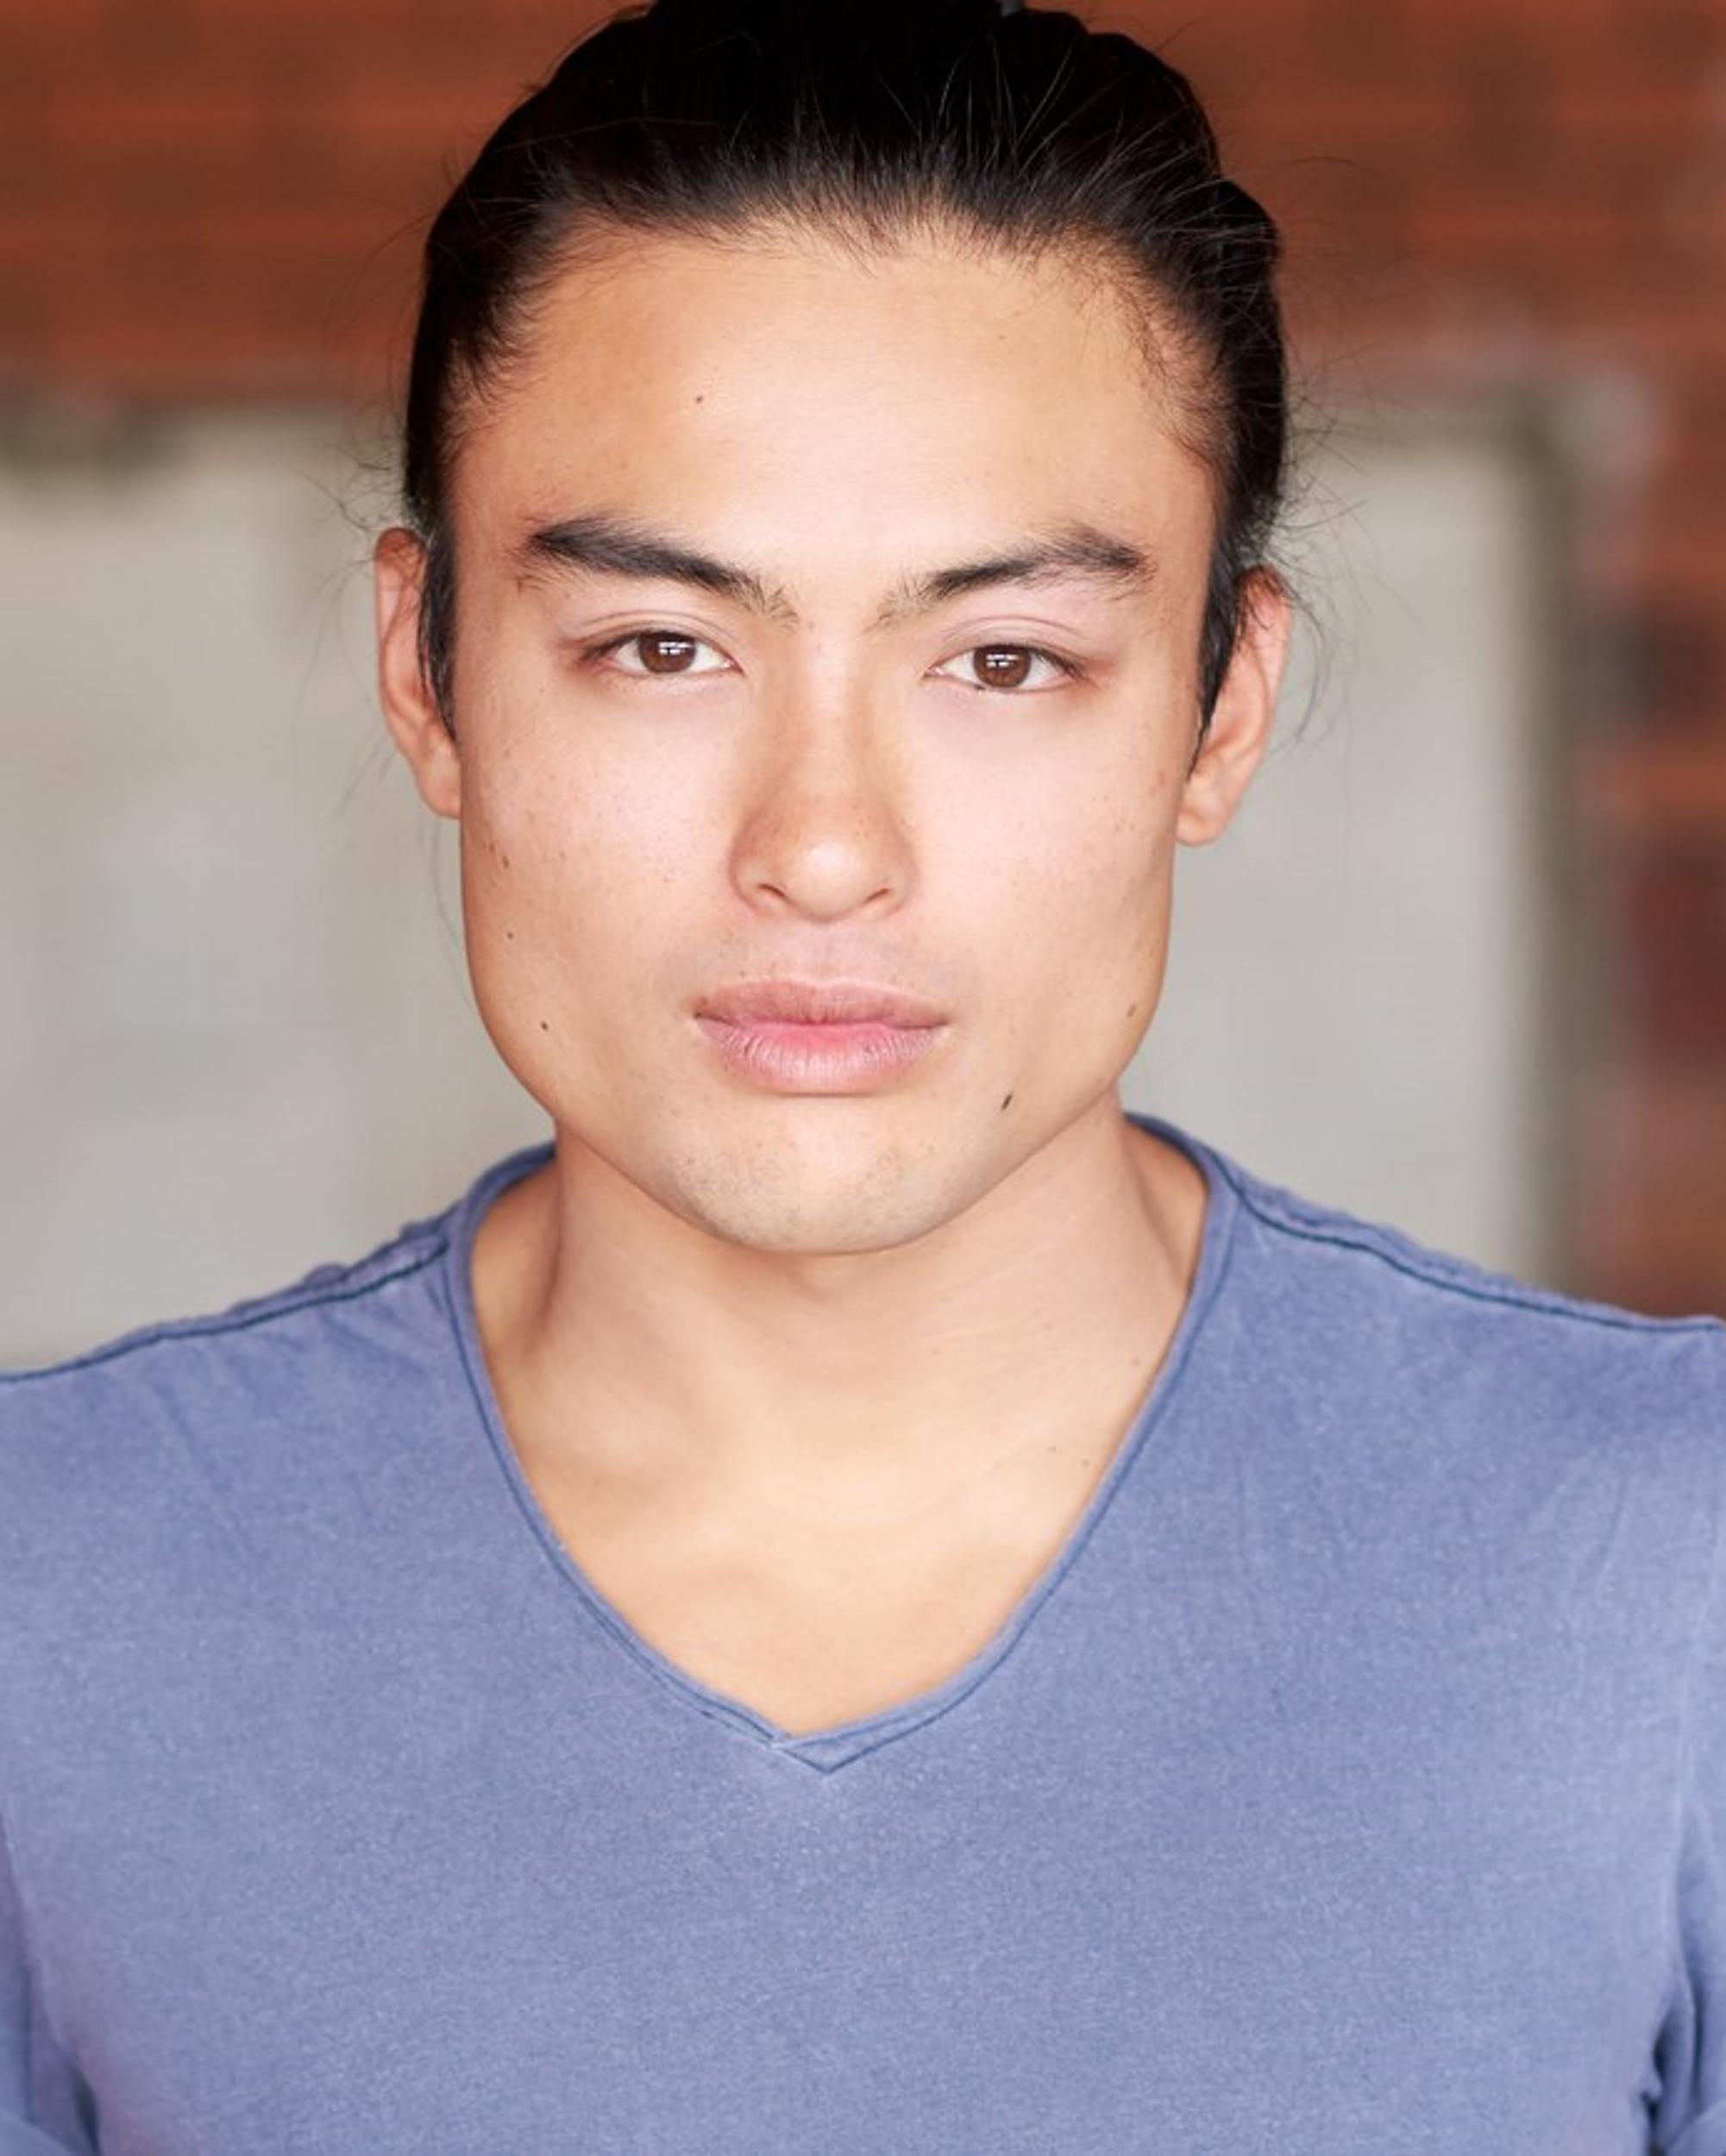 Taylor Fong